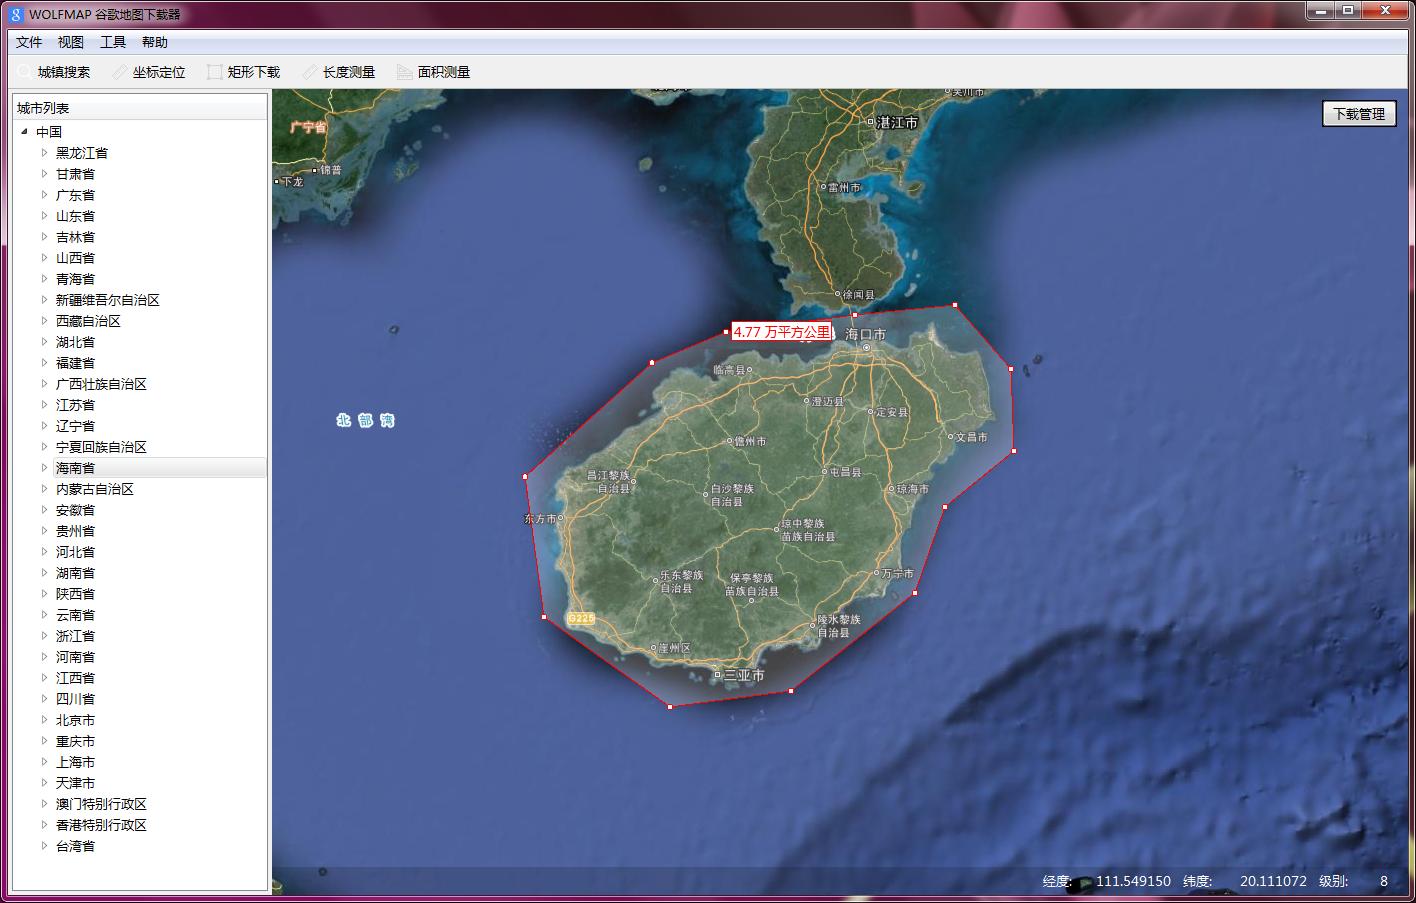 WOLFMAP谷歌地图下载器截图2